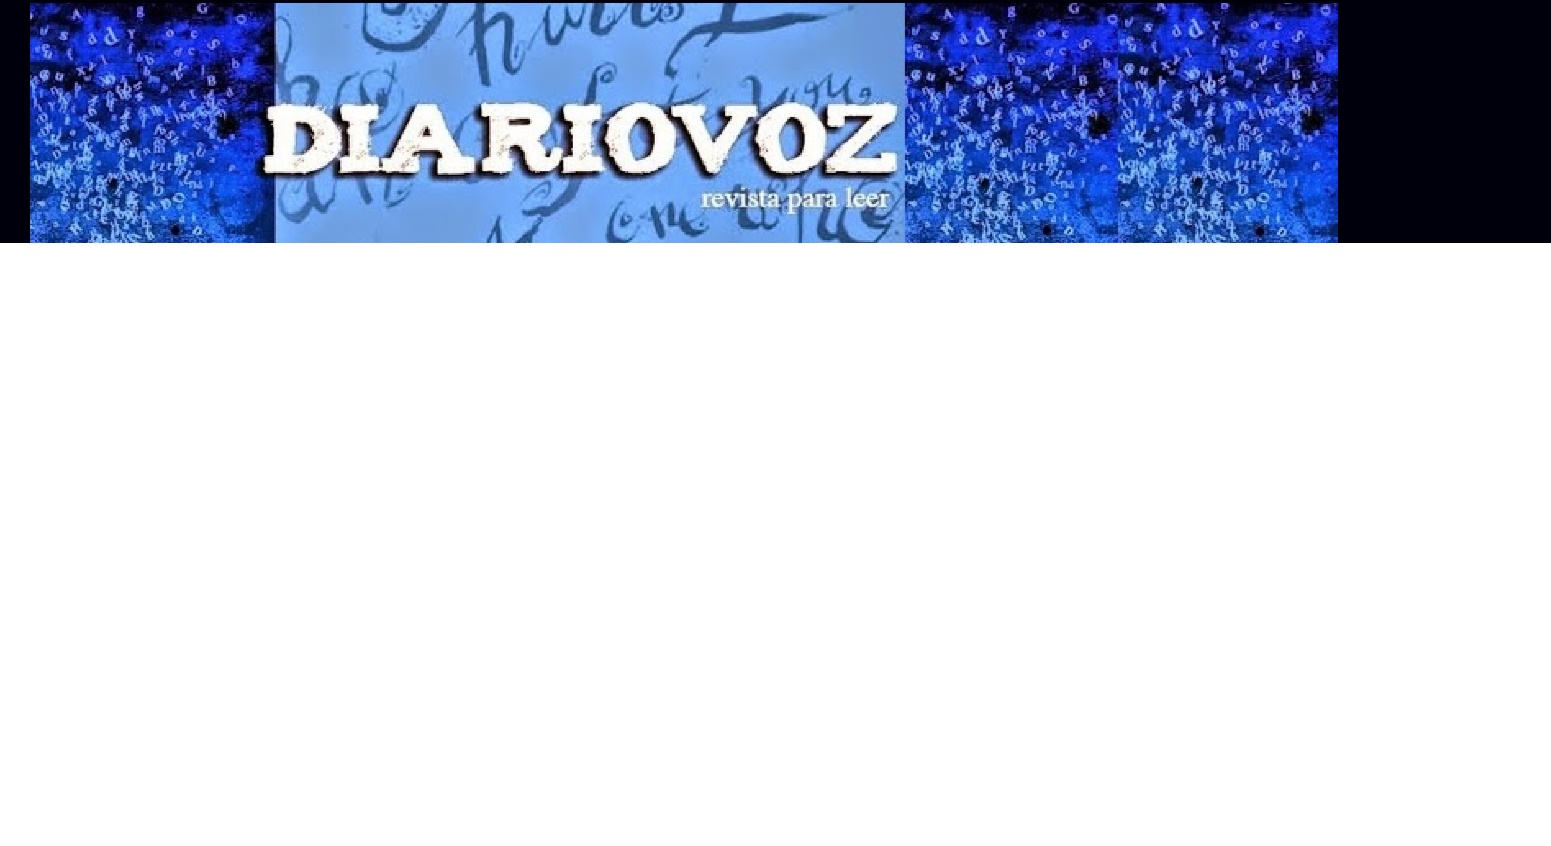 Diariovoz. Revista de literatura. Taller Literario